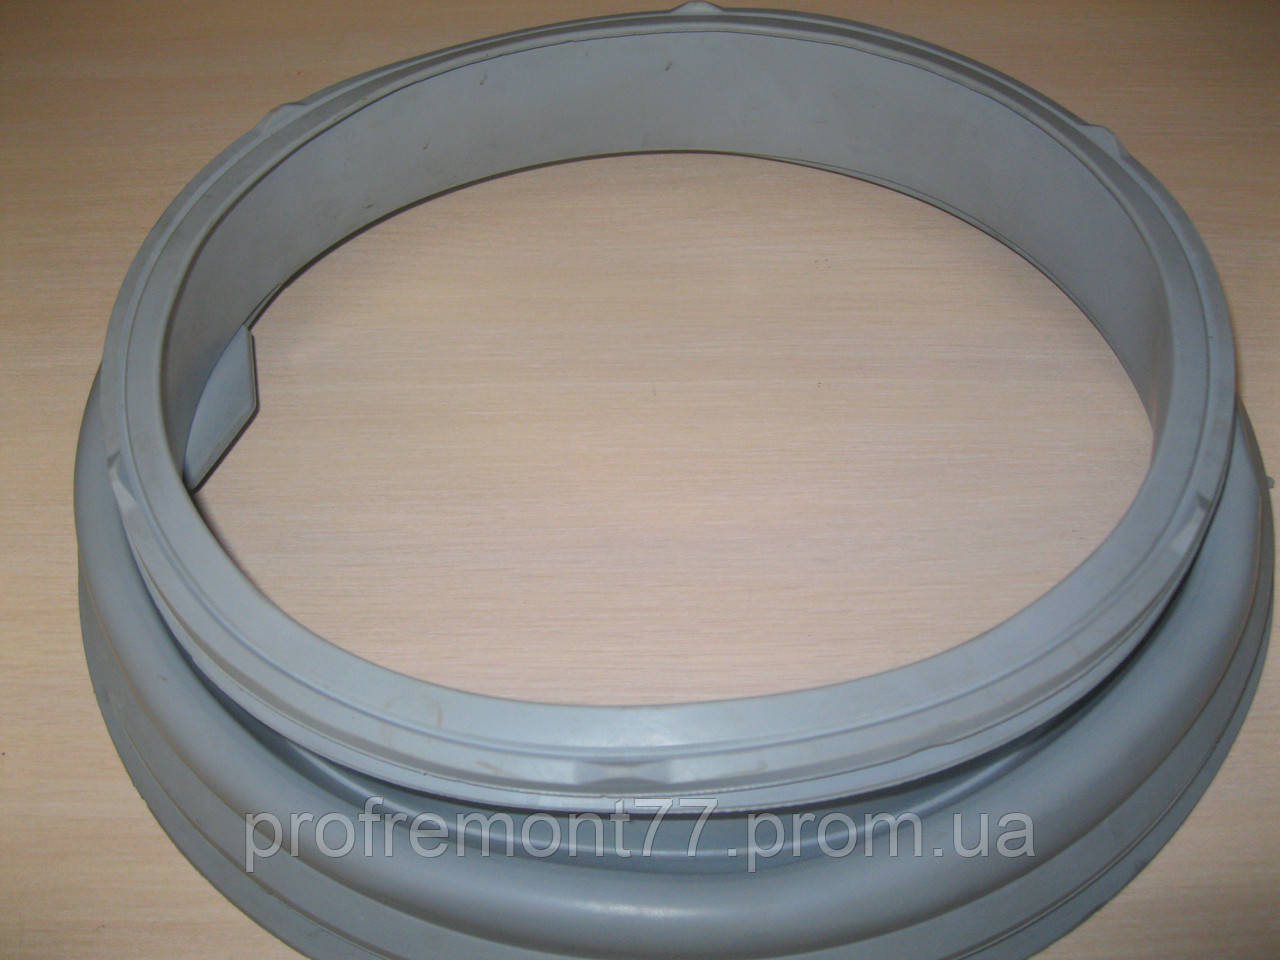 Резина люка СМА LG 4986ER1003A не оригинал для стиральной машины